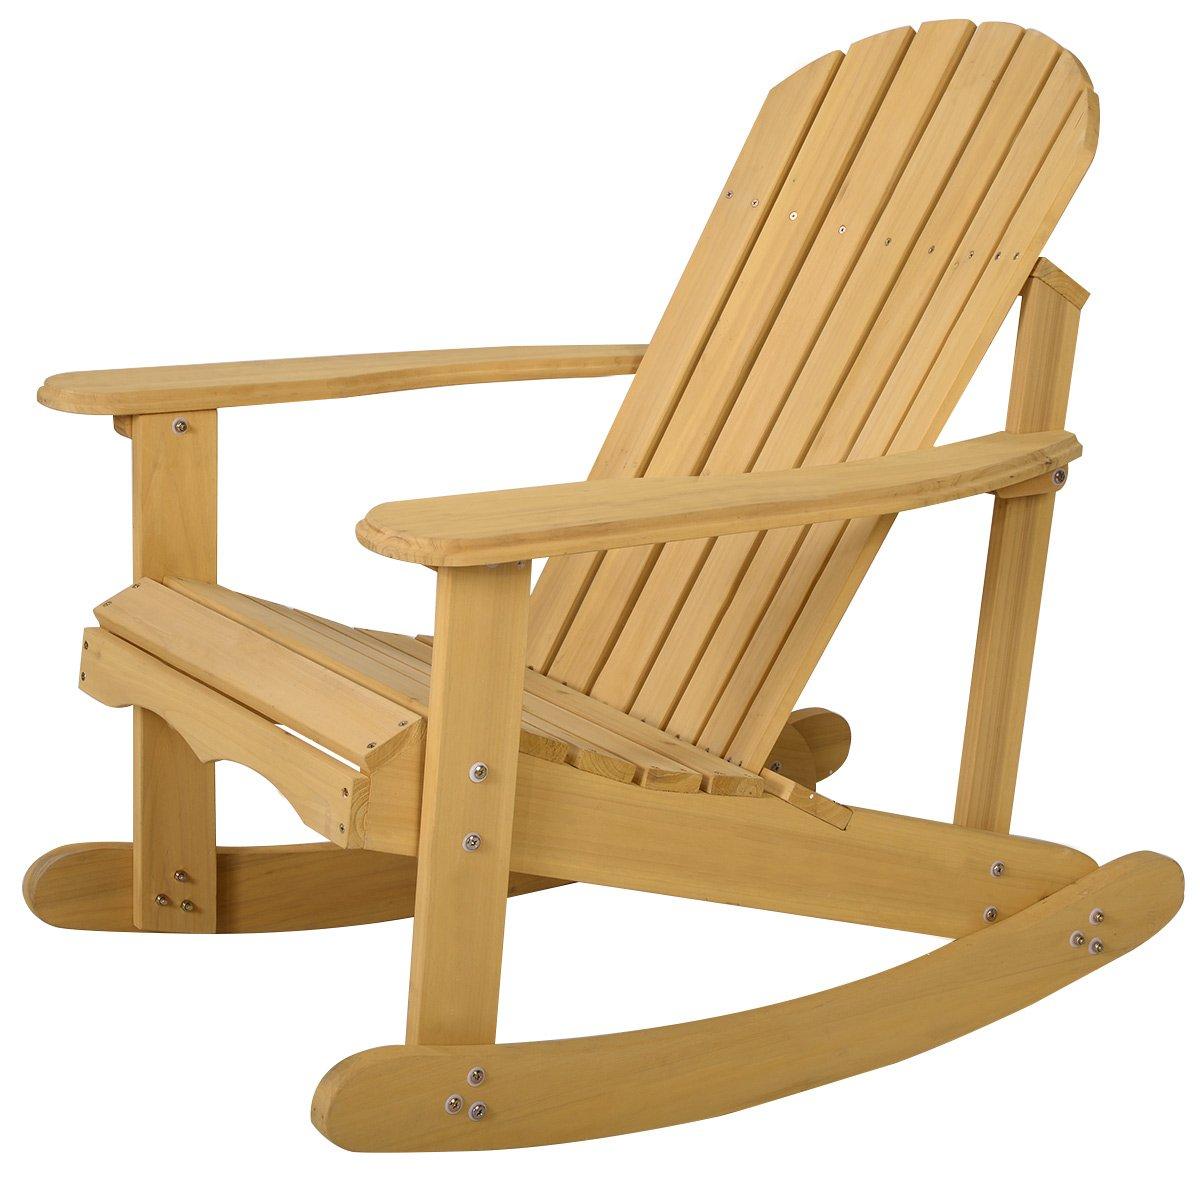 Giantex Adirondack Chair Outdoor Natural Fir Wood Rocking Chair Patio Deck Garden Furniture HW50297